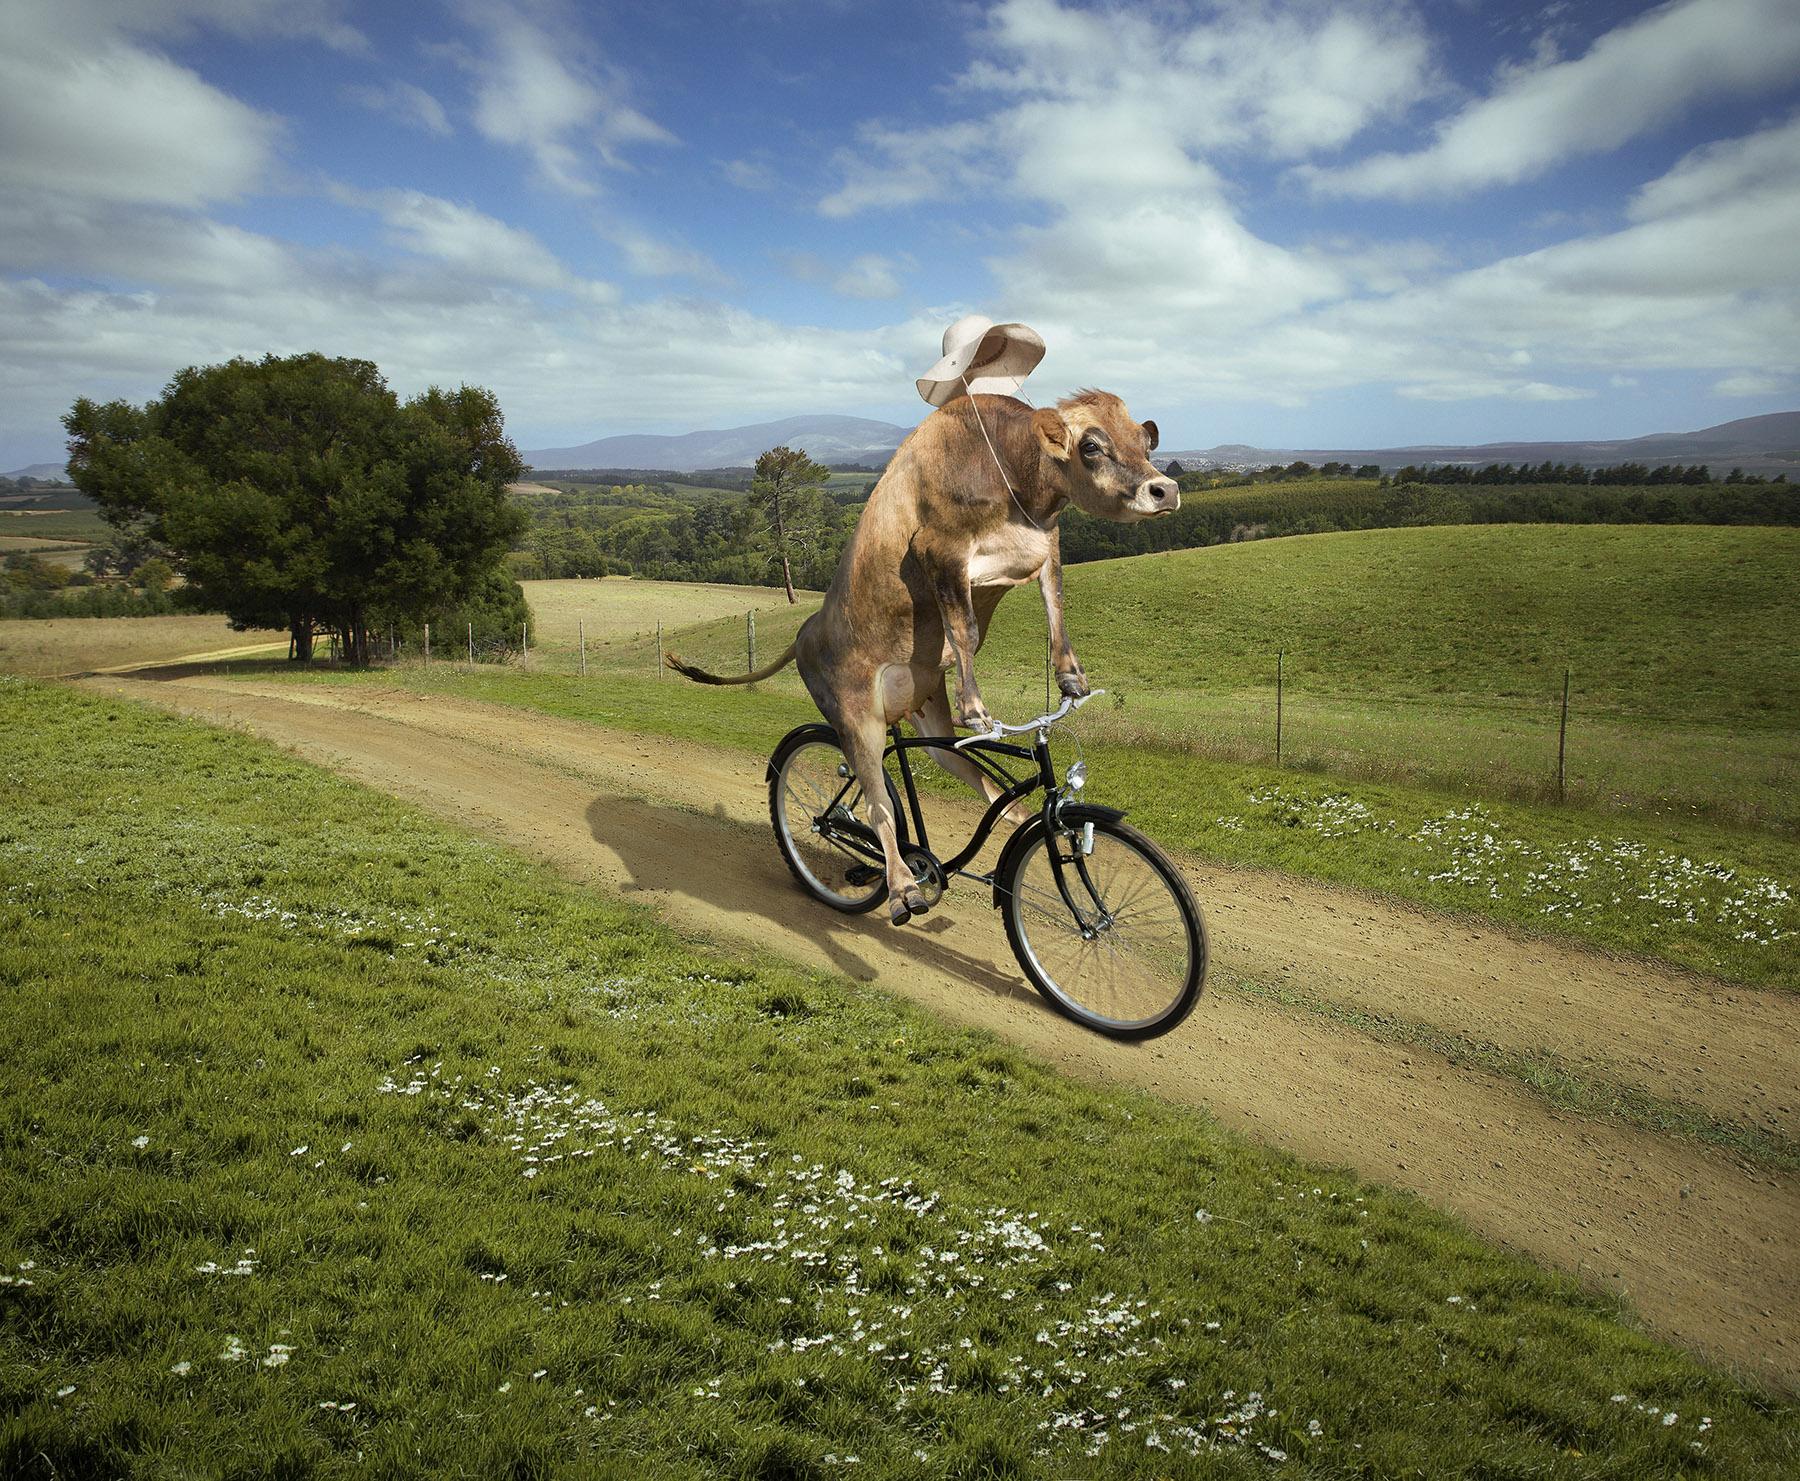 Cow_On_Bike_6sh